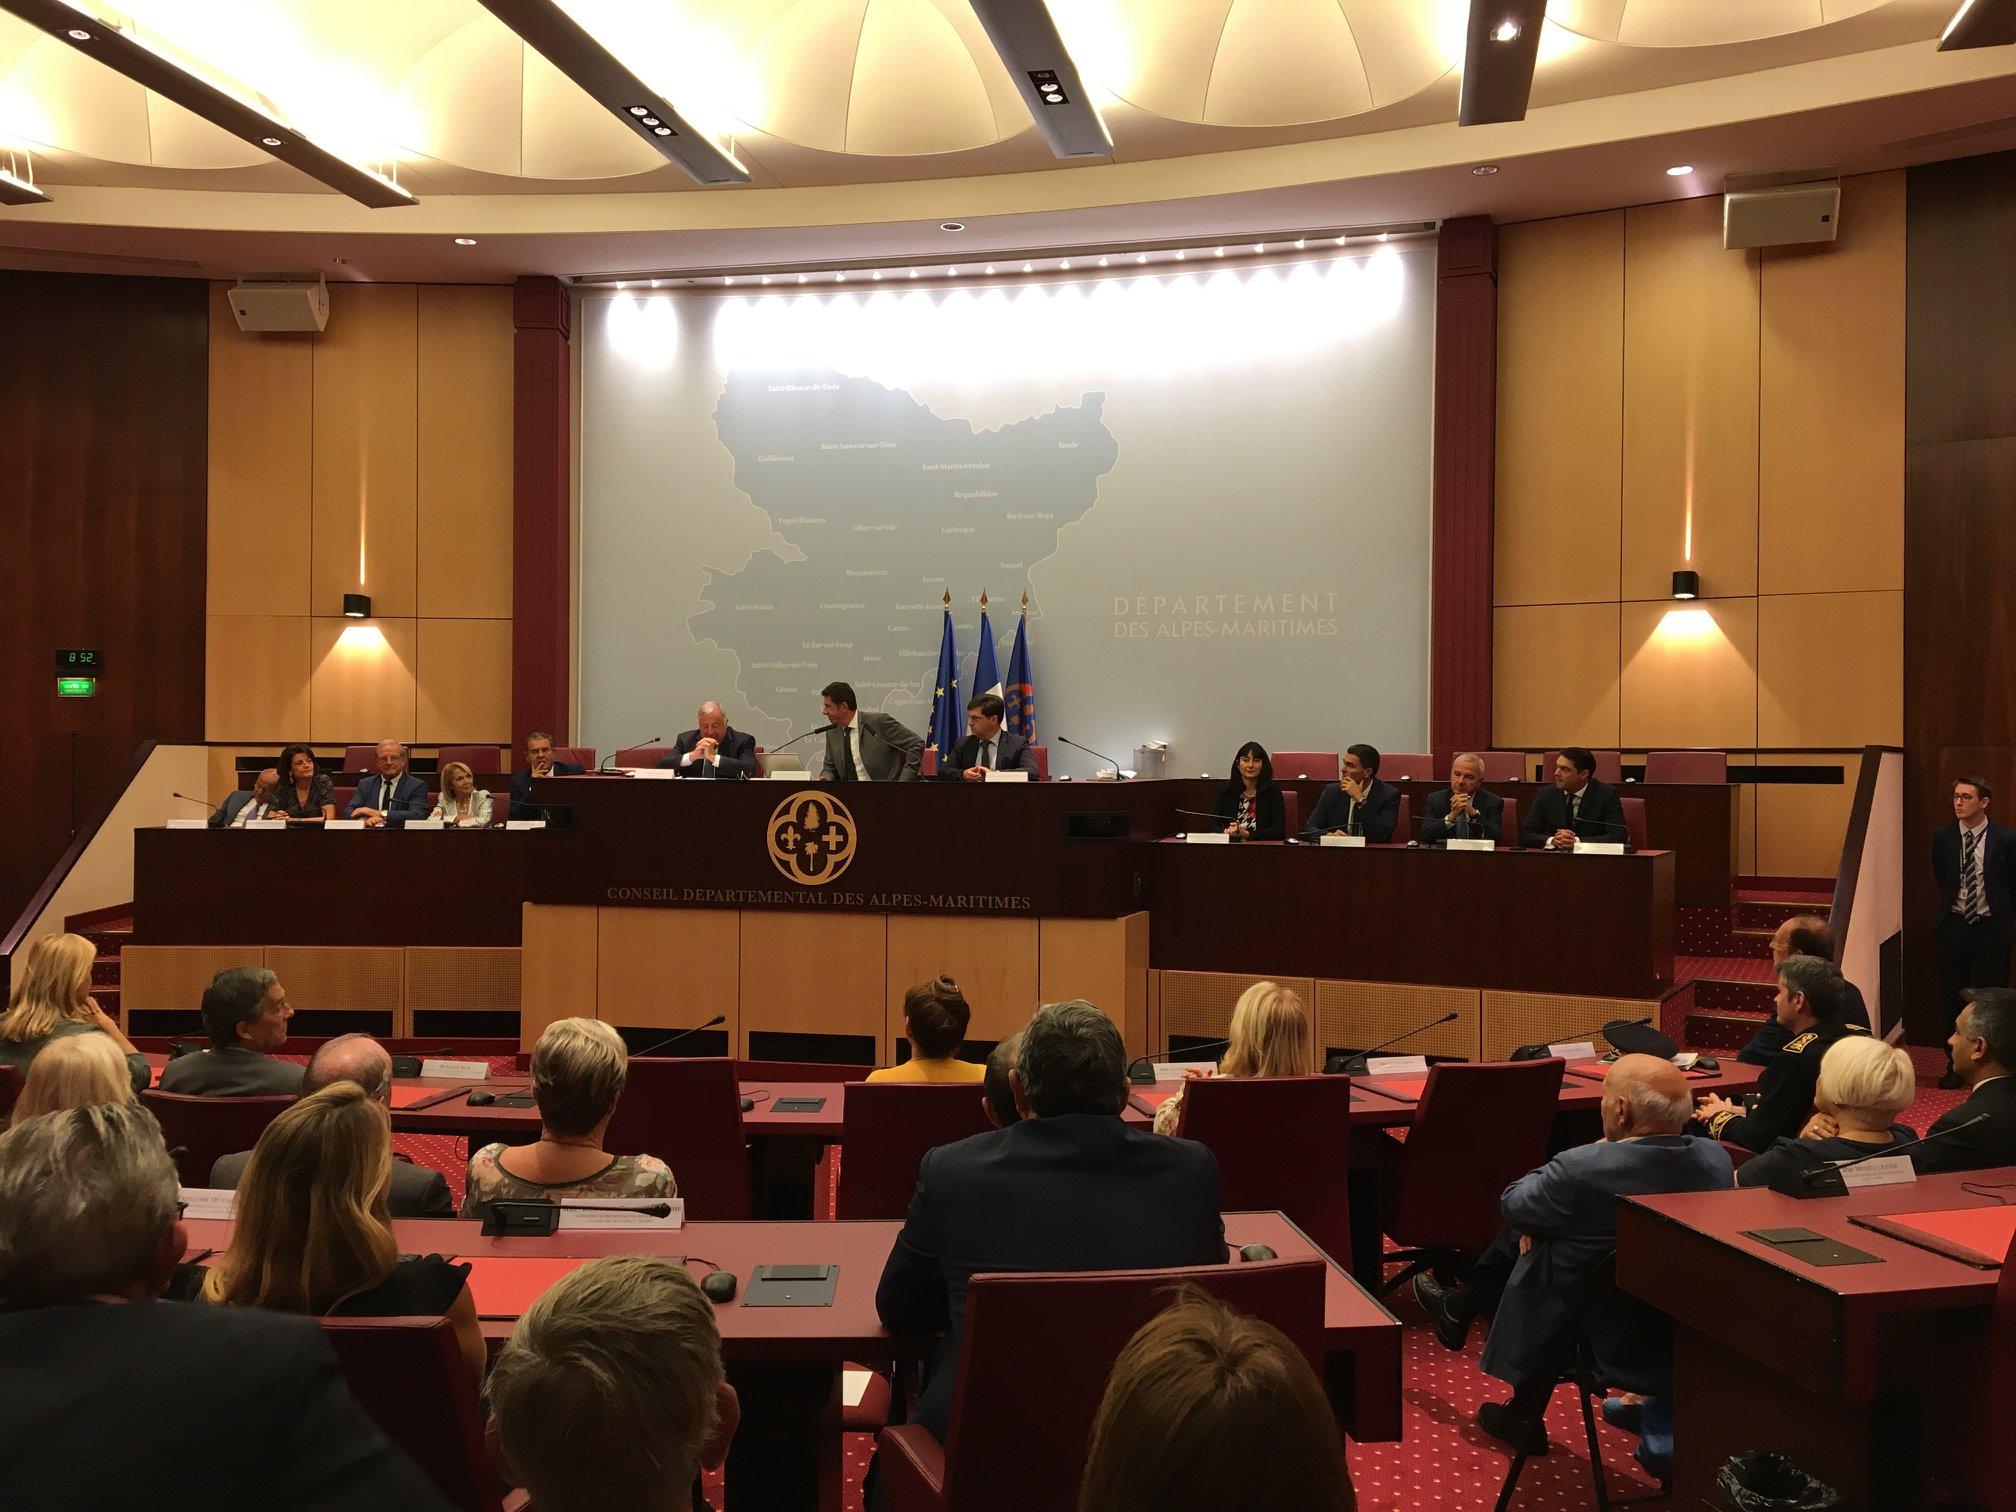 Visite de Gérard Larcher au Conseil Départemental des Alpes Maritimes 02